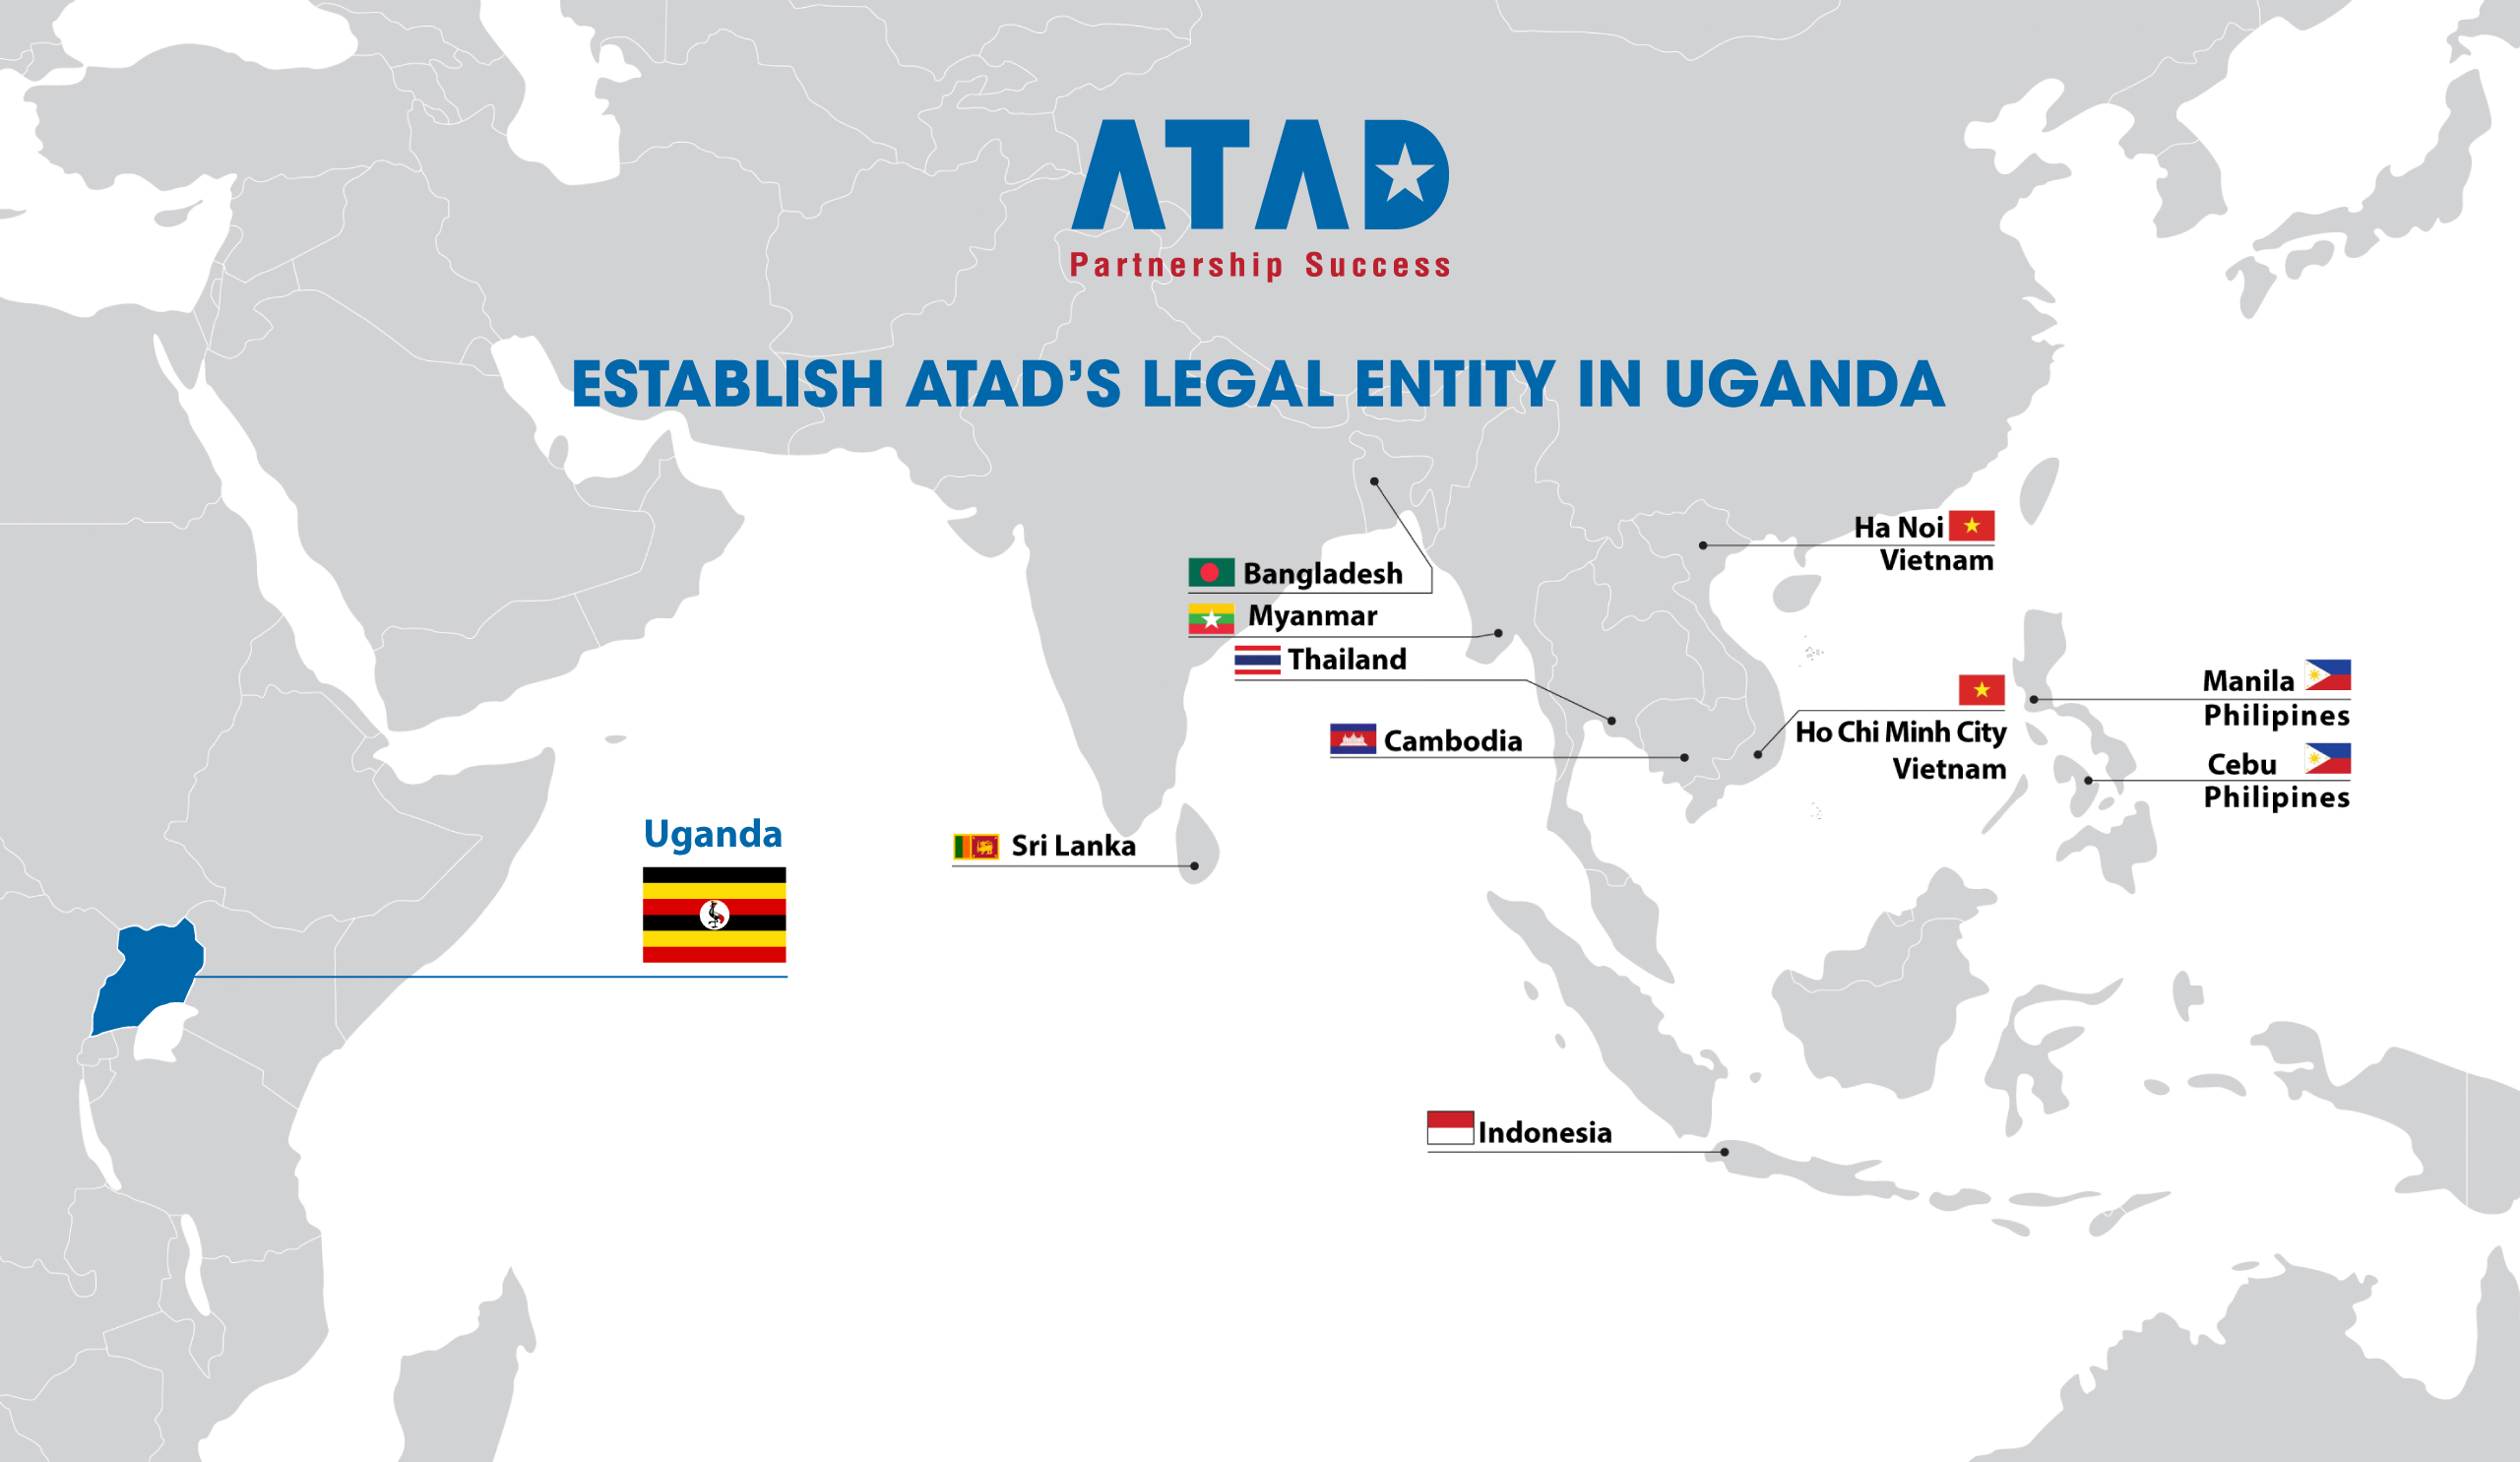 Establish ATAD's Legal Entity in Uganda